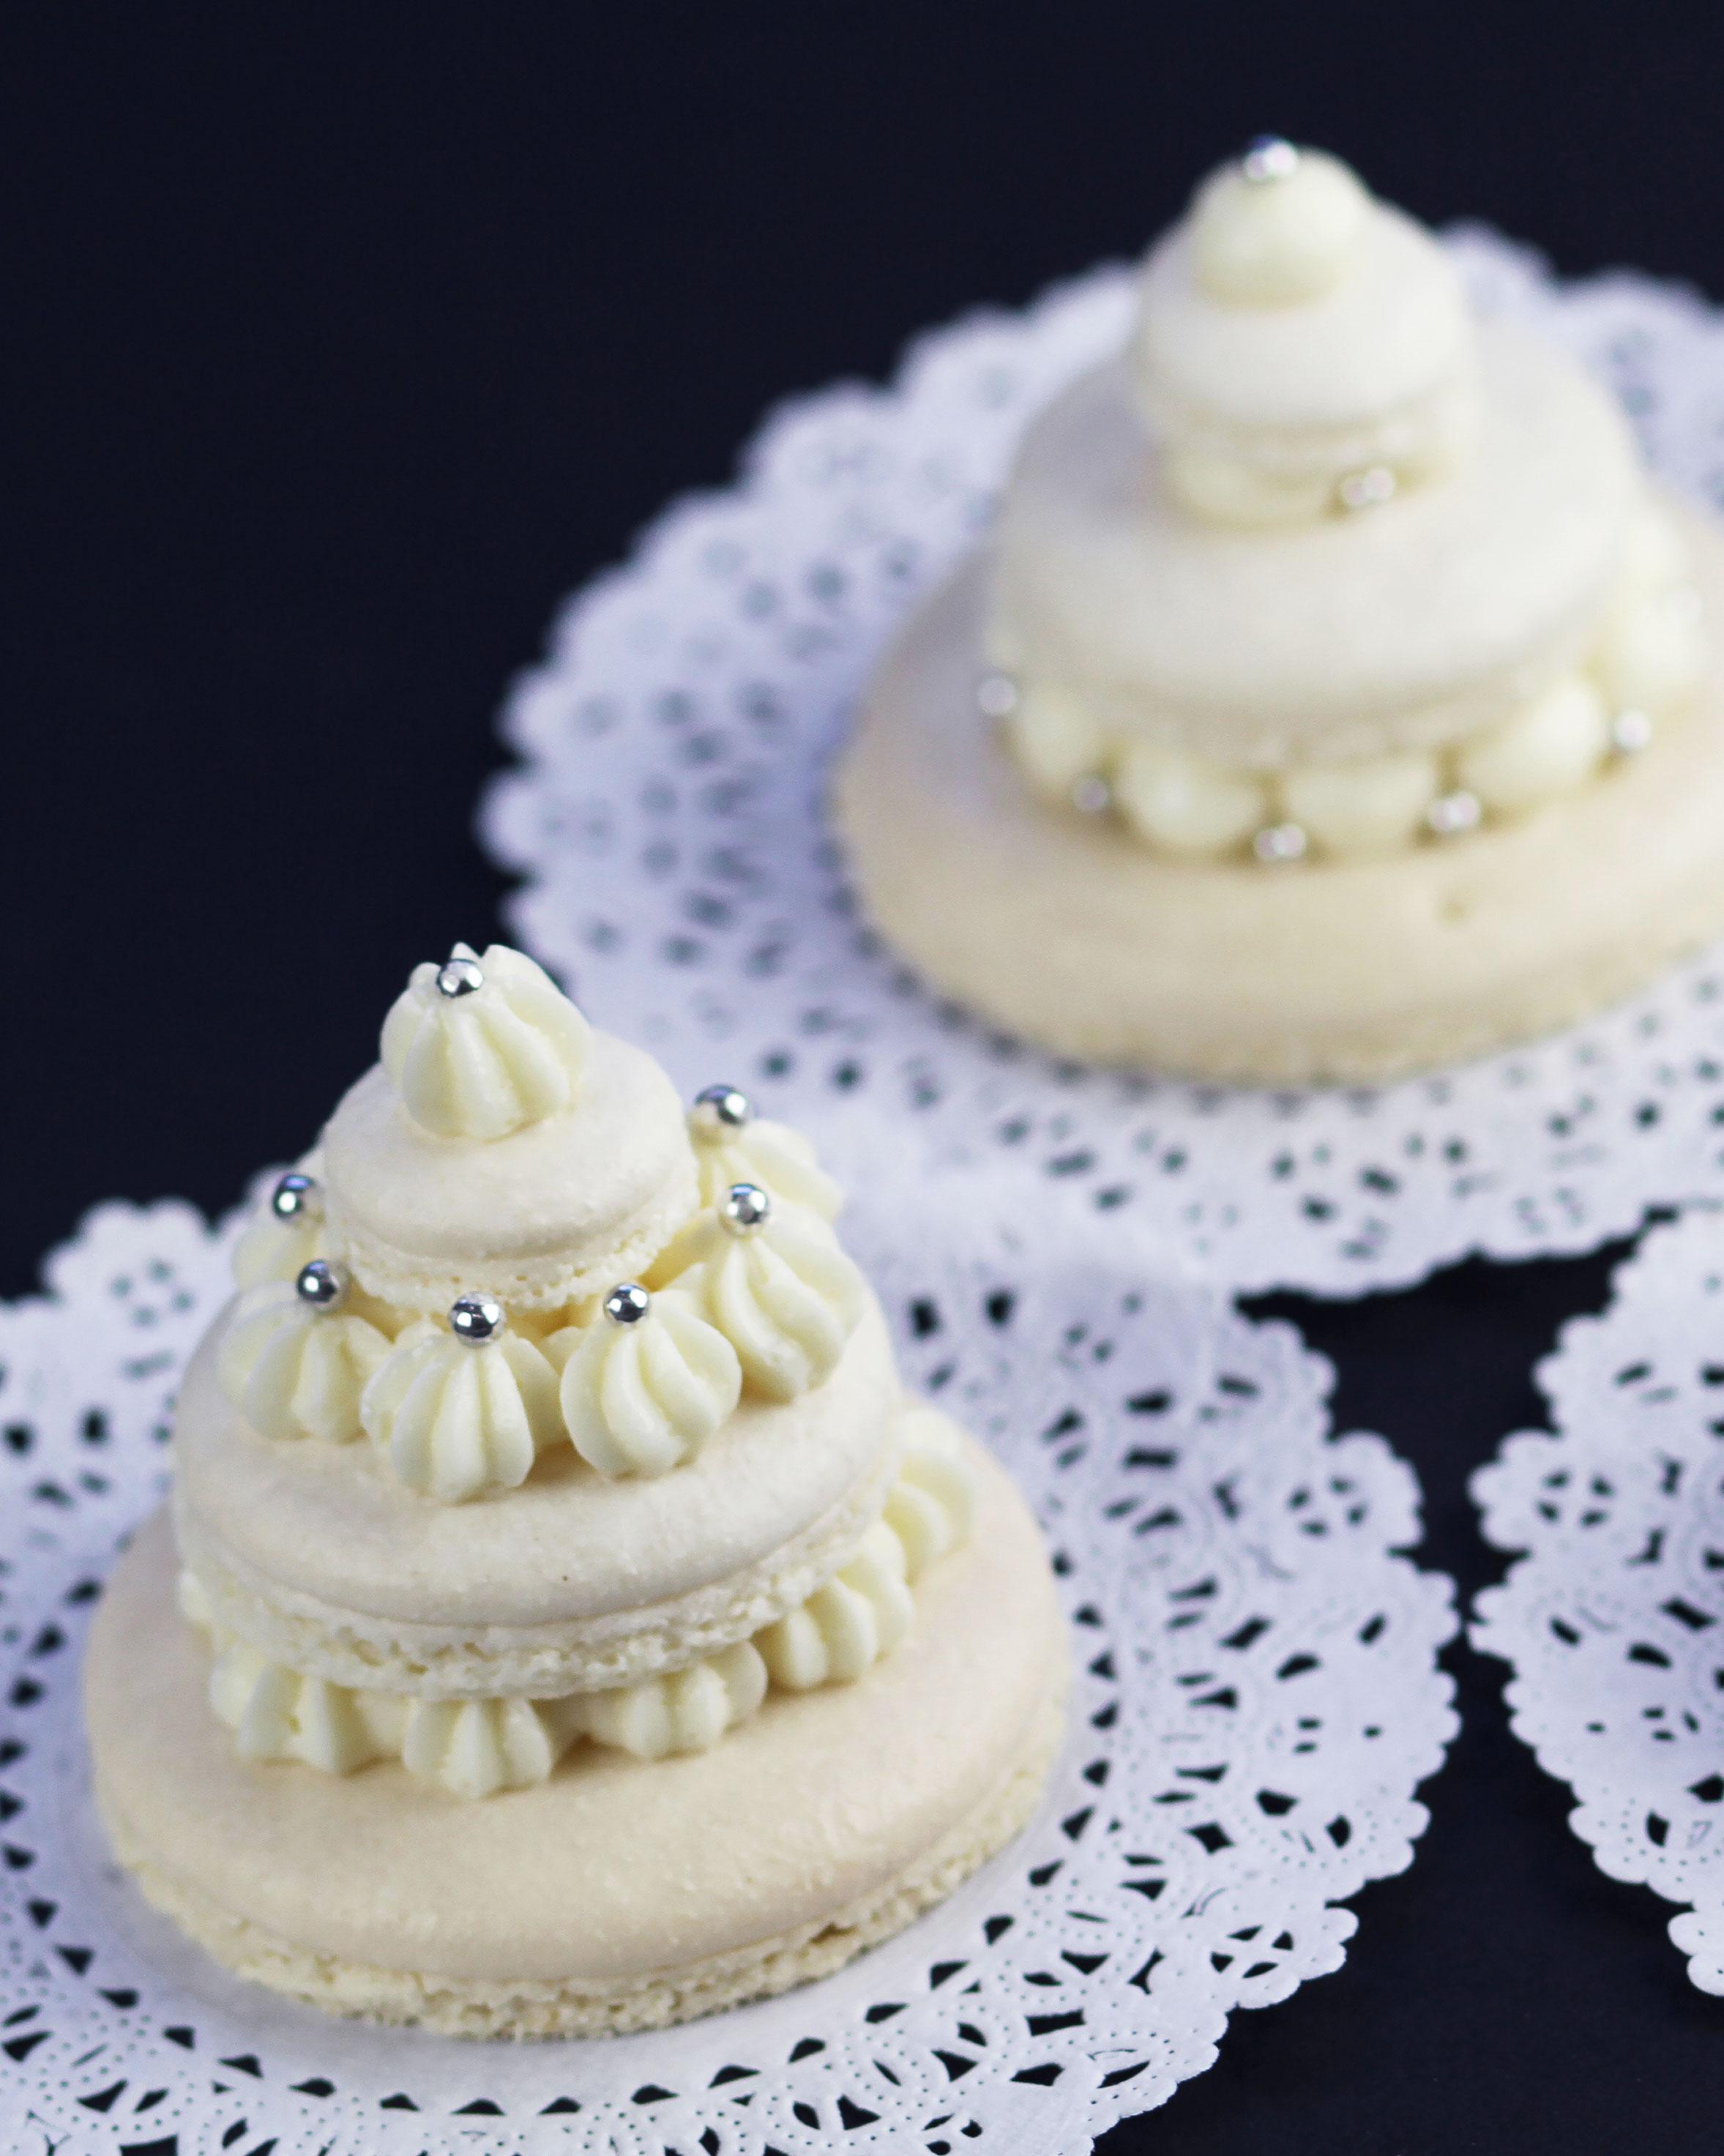 jess-levin-skip-the-cake-1-0316.jpg